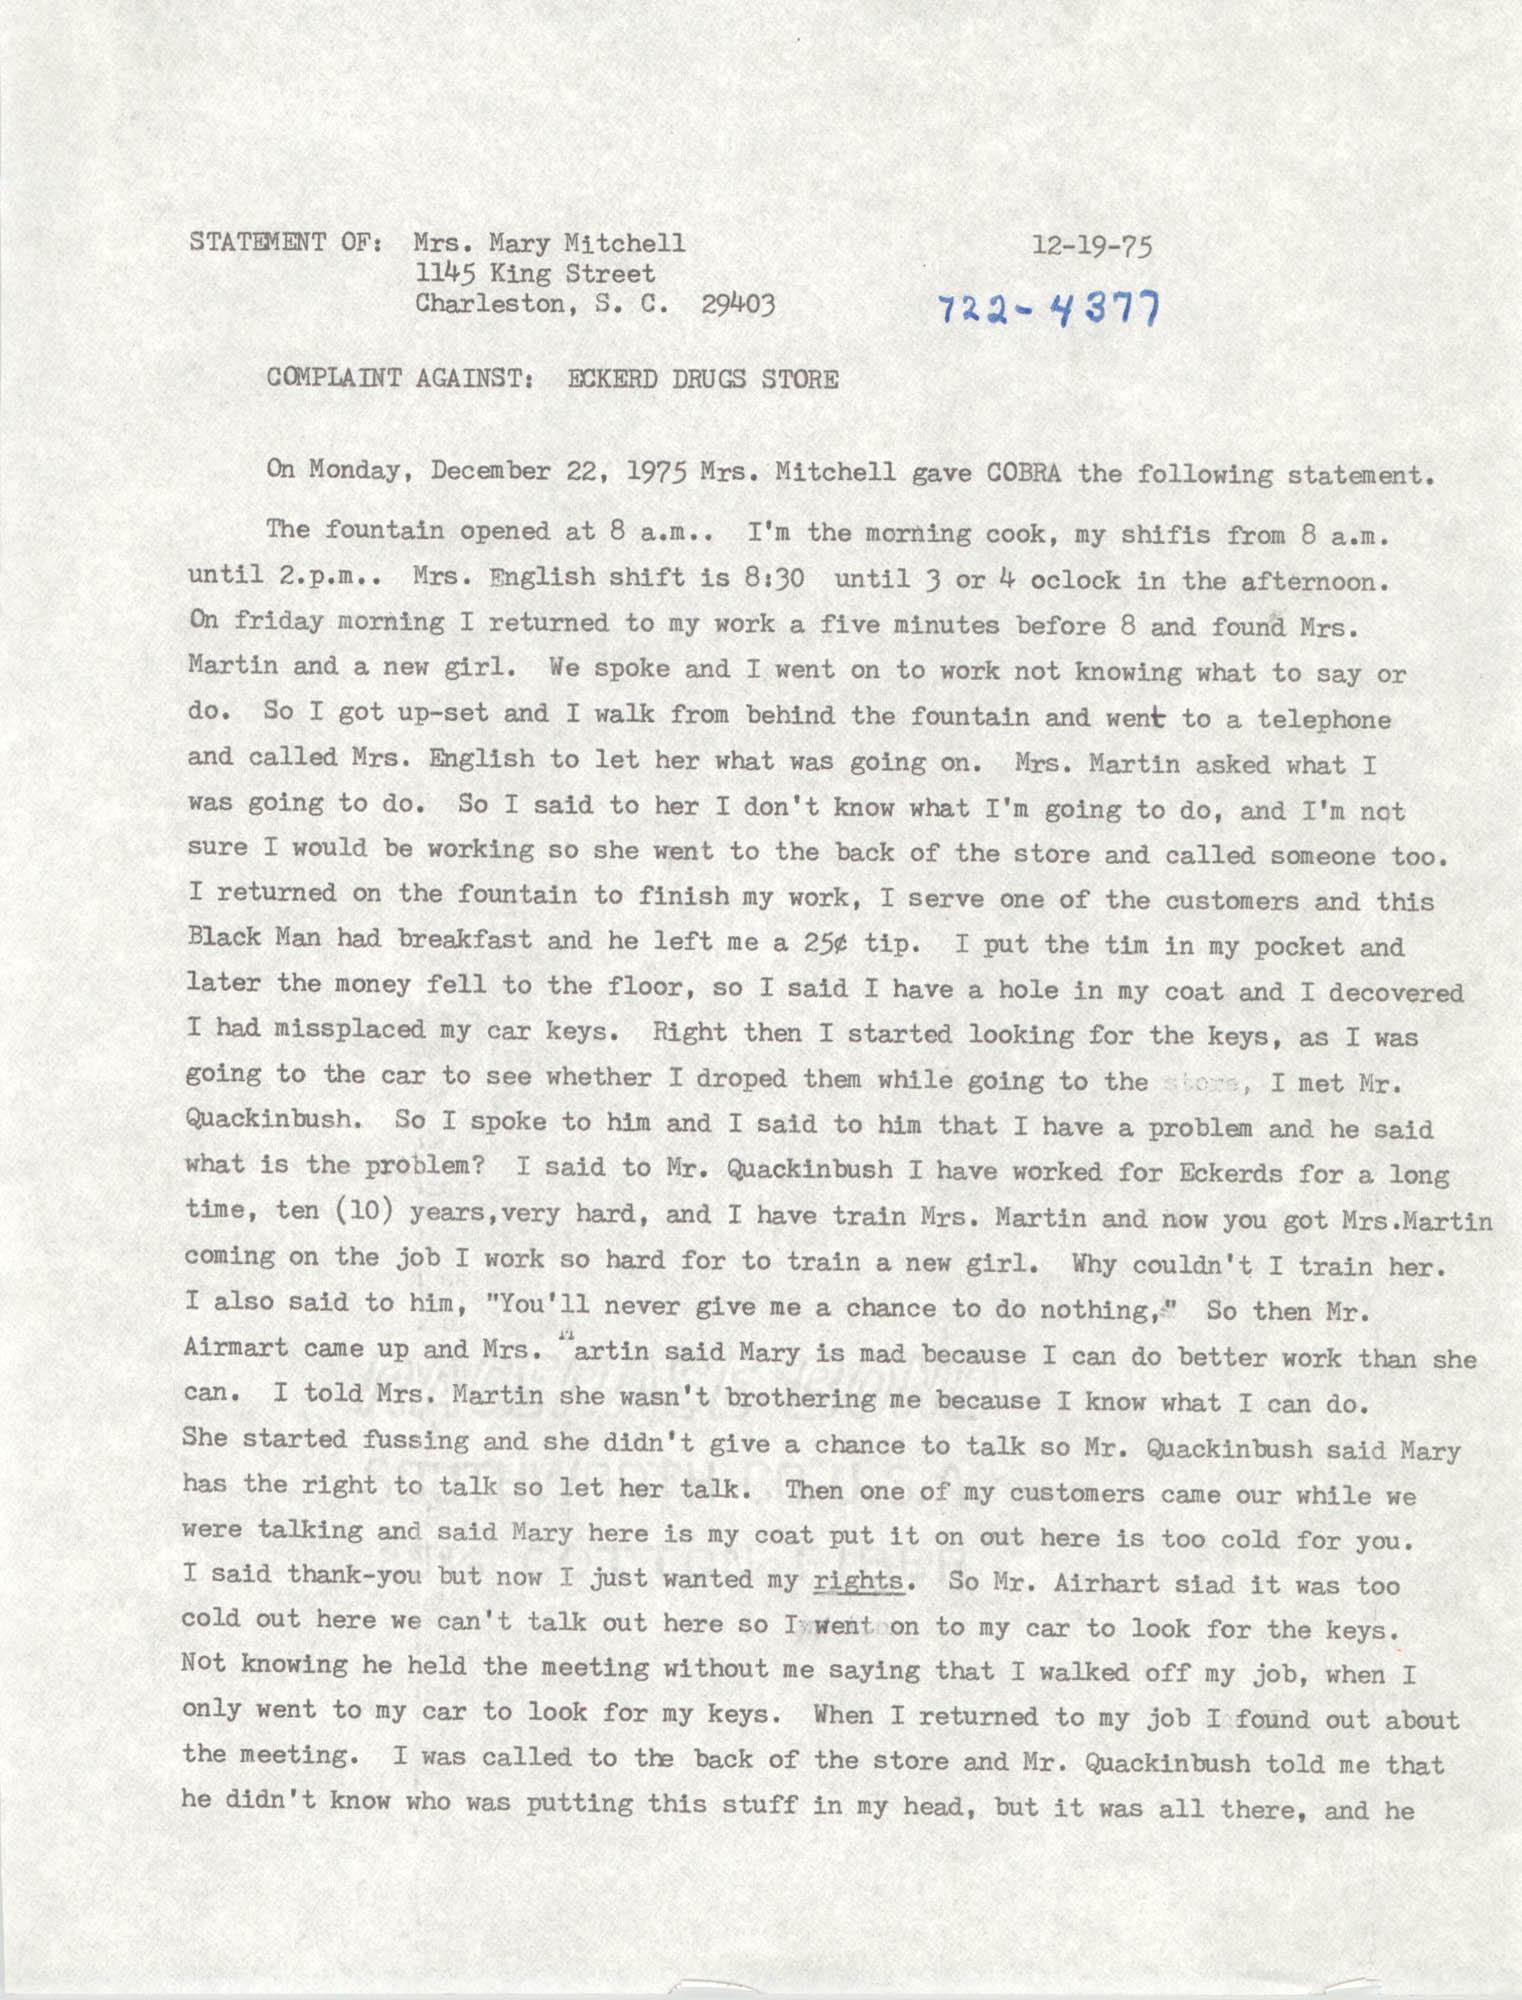 COBRA Complaint, December 19, 1975